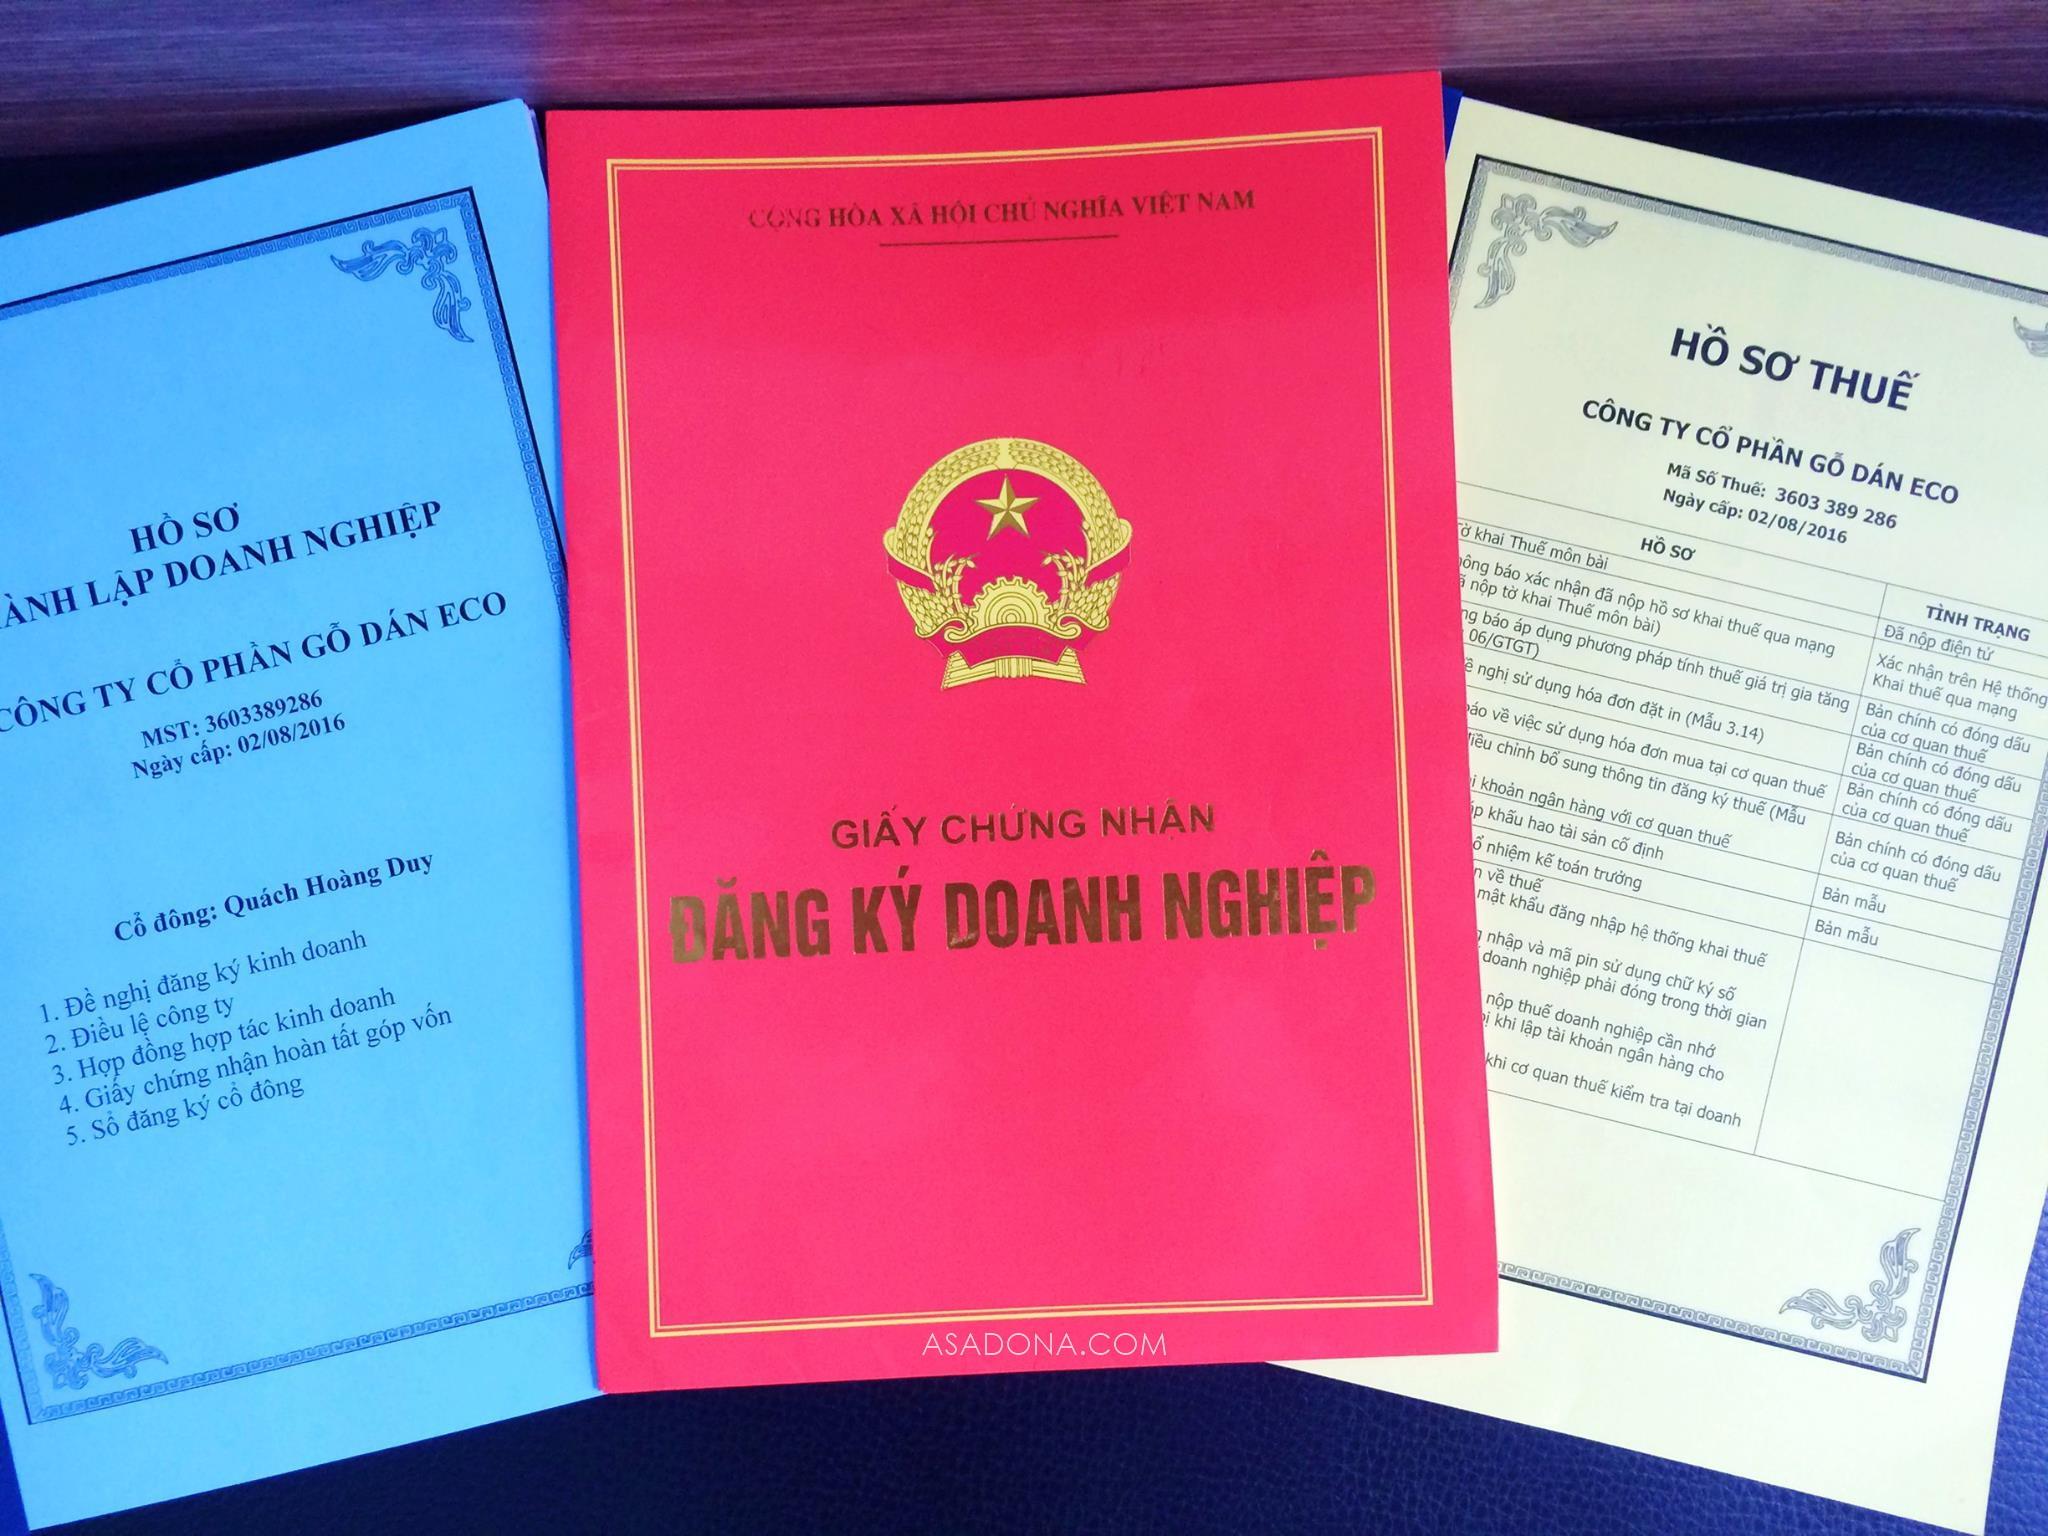 Dịch vụ đăng ký kinh doanh Đồng Nai